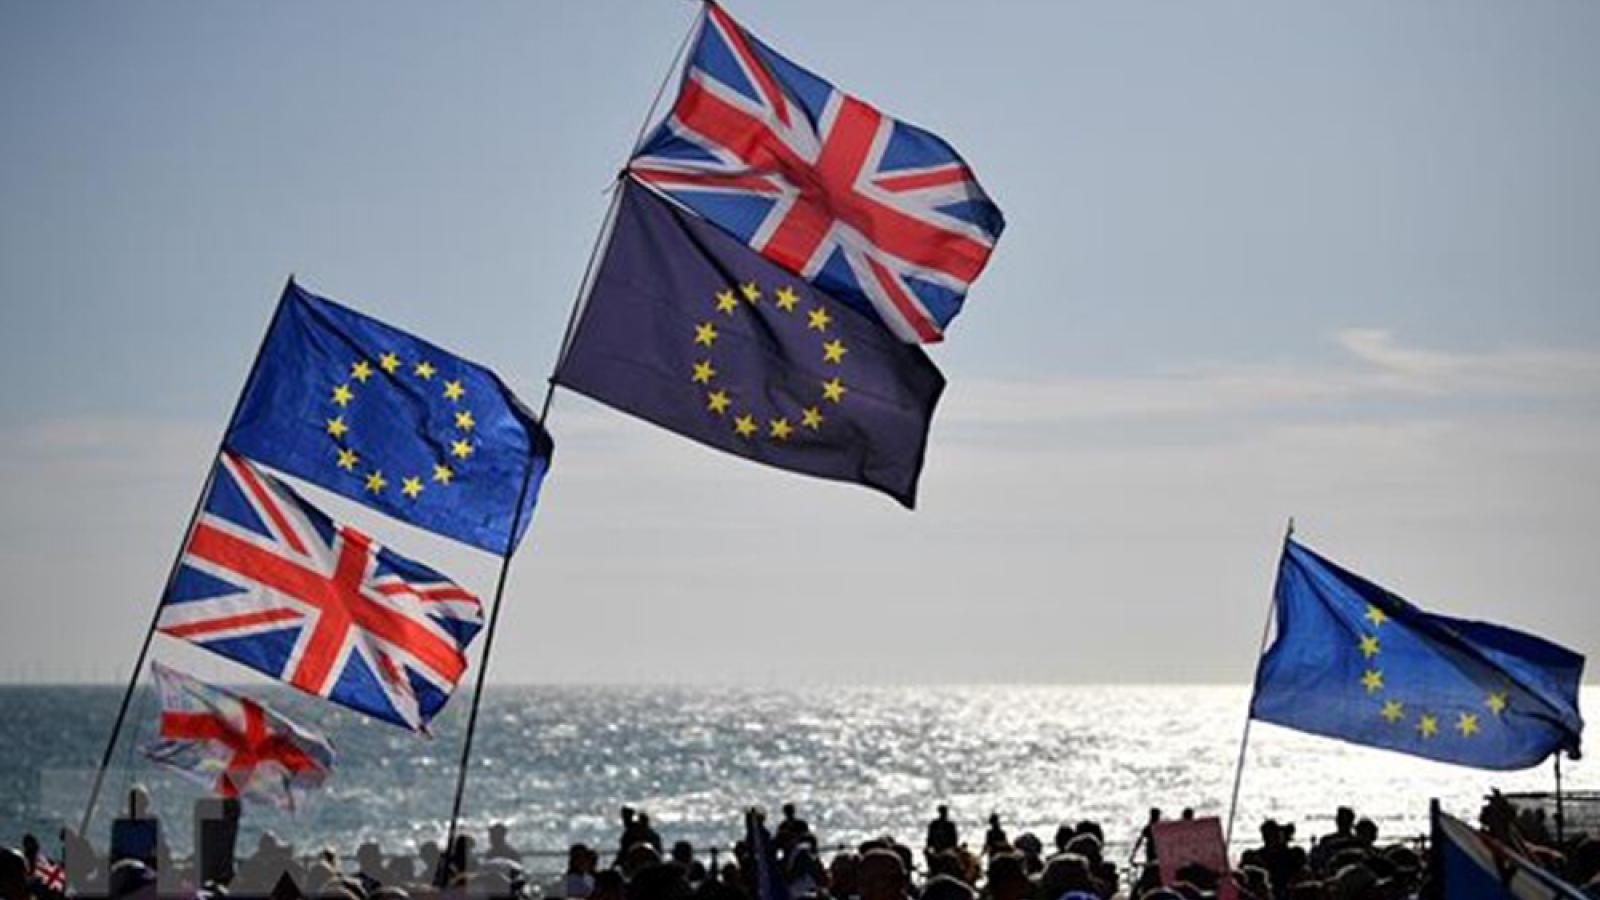 Anh – EU thông qua bản dự thảo thỏa thuận thương mại hậu Brexit